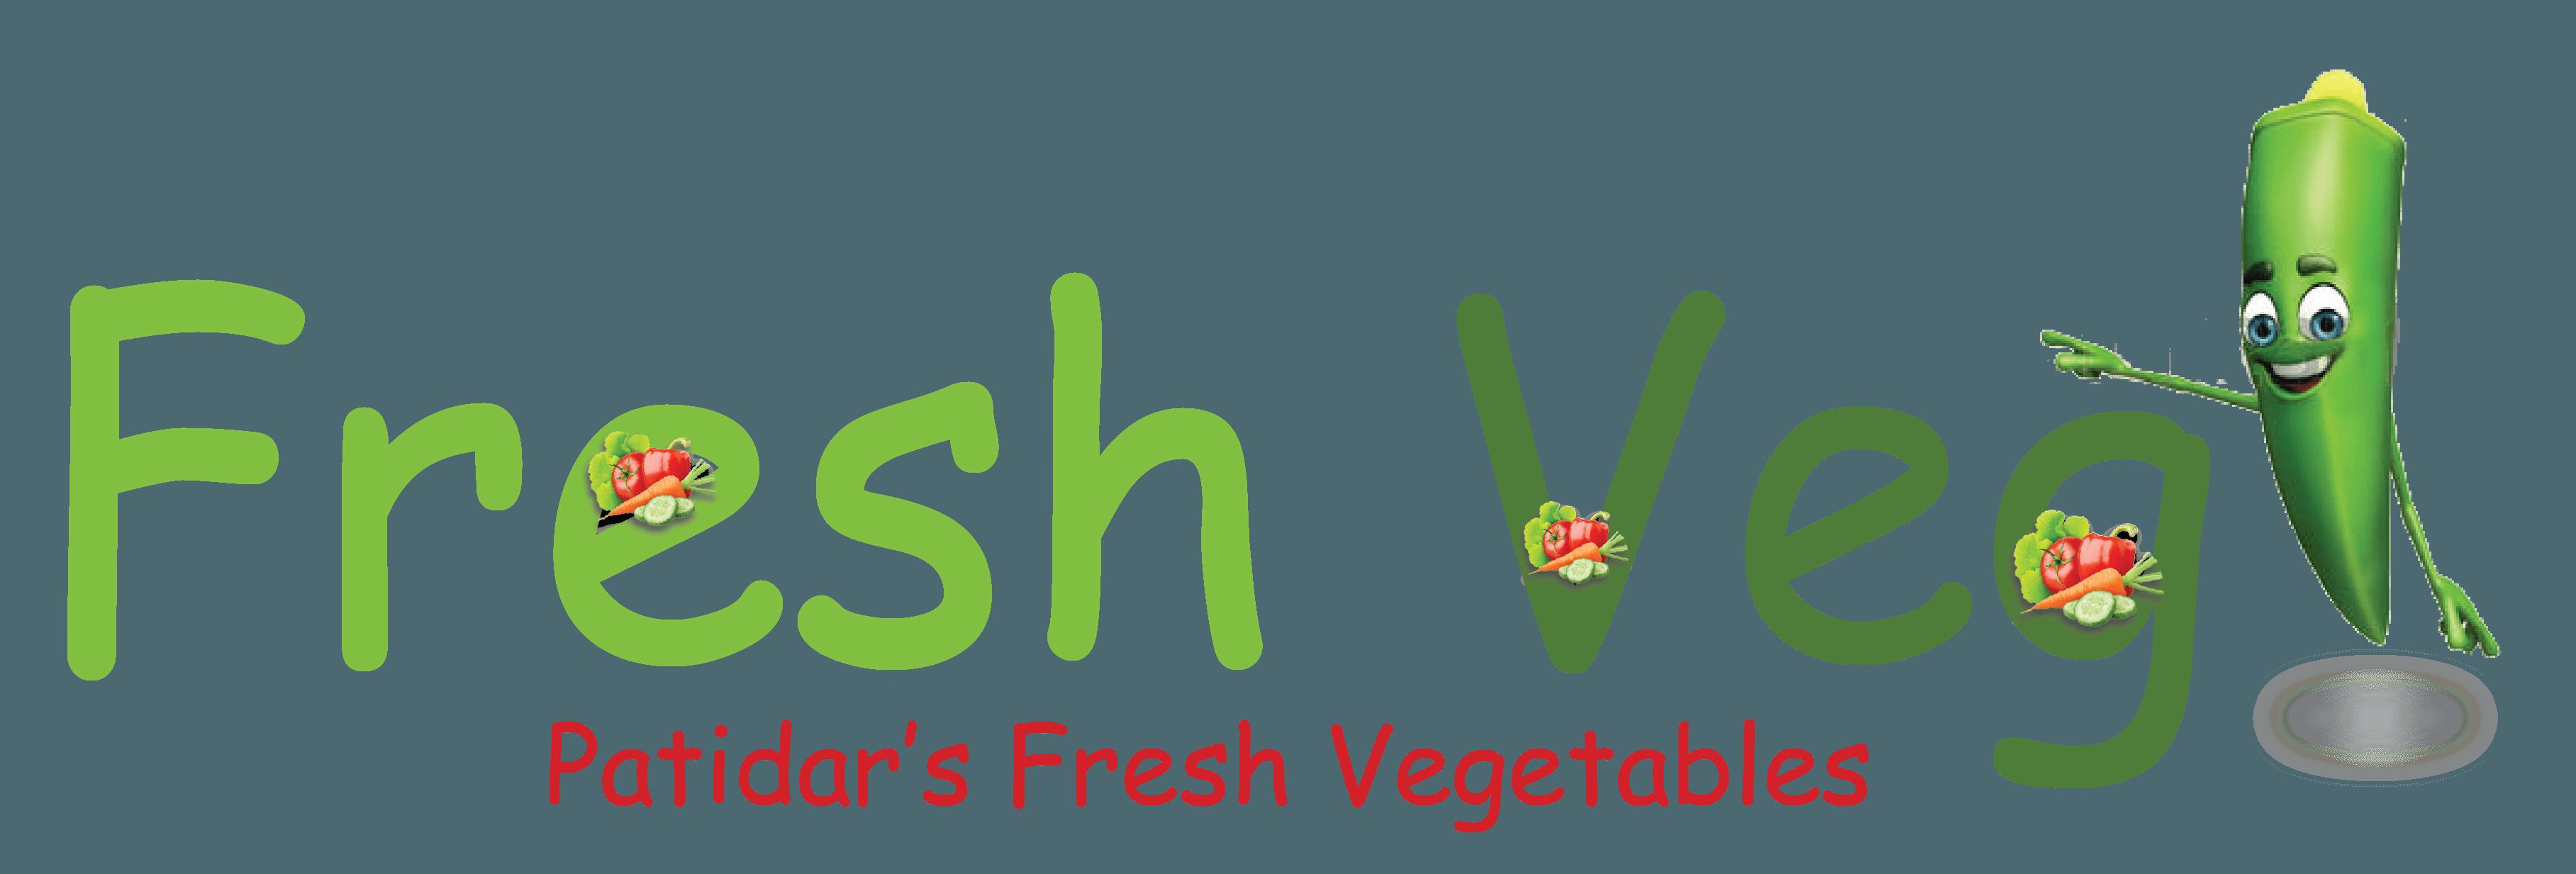 Fresh Vegetable E-Commerce website